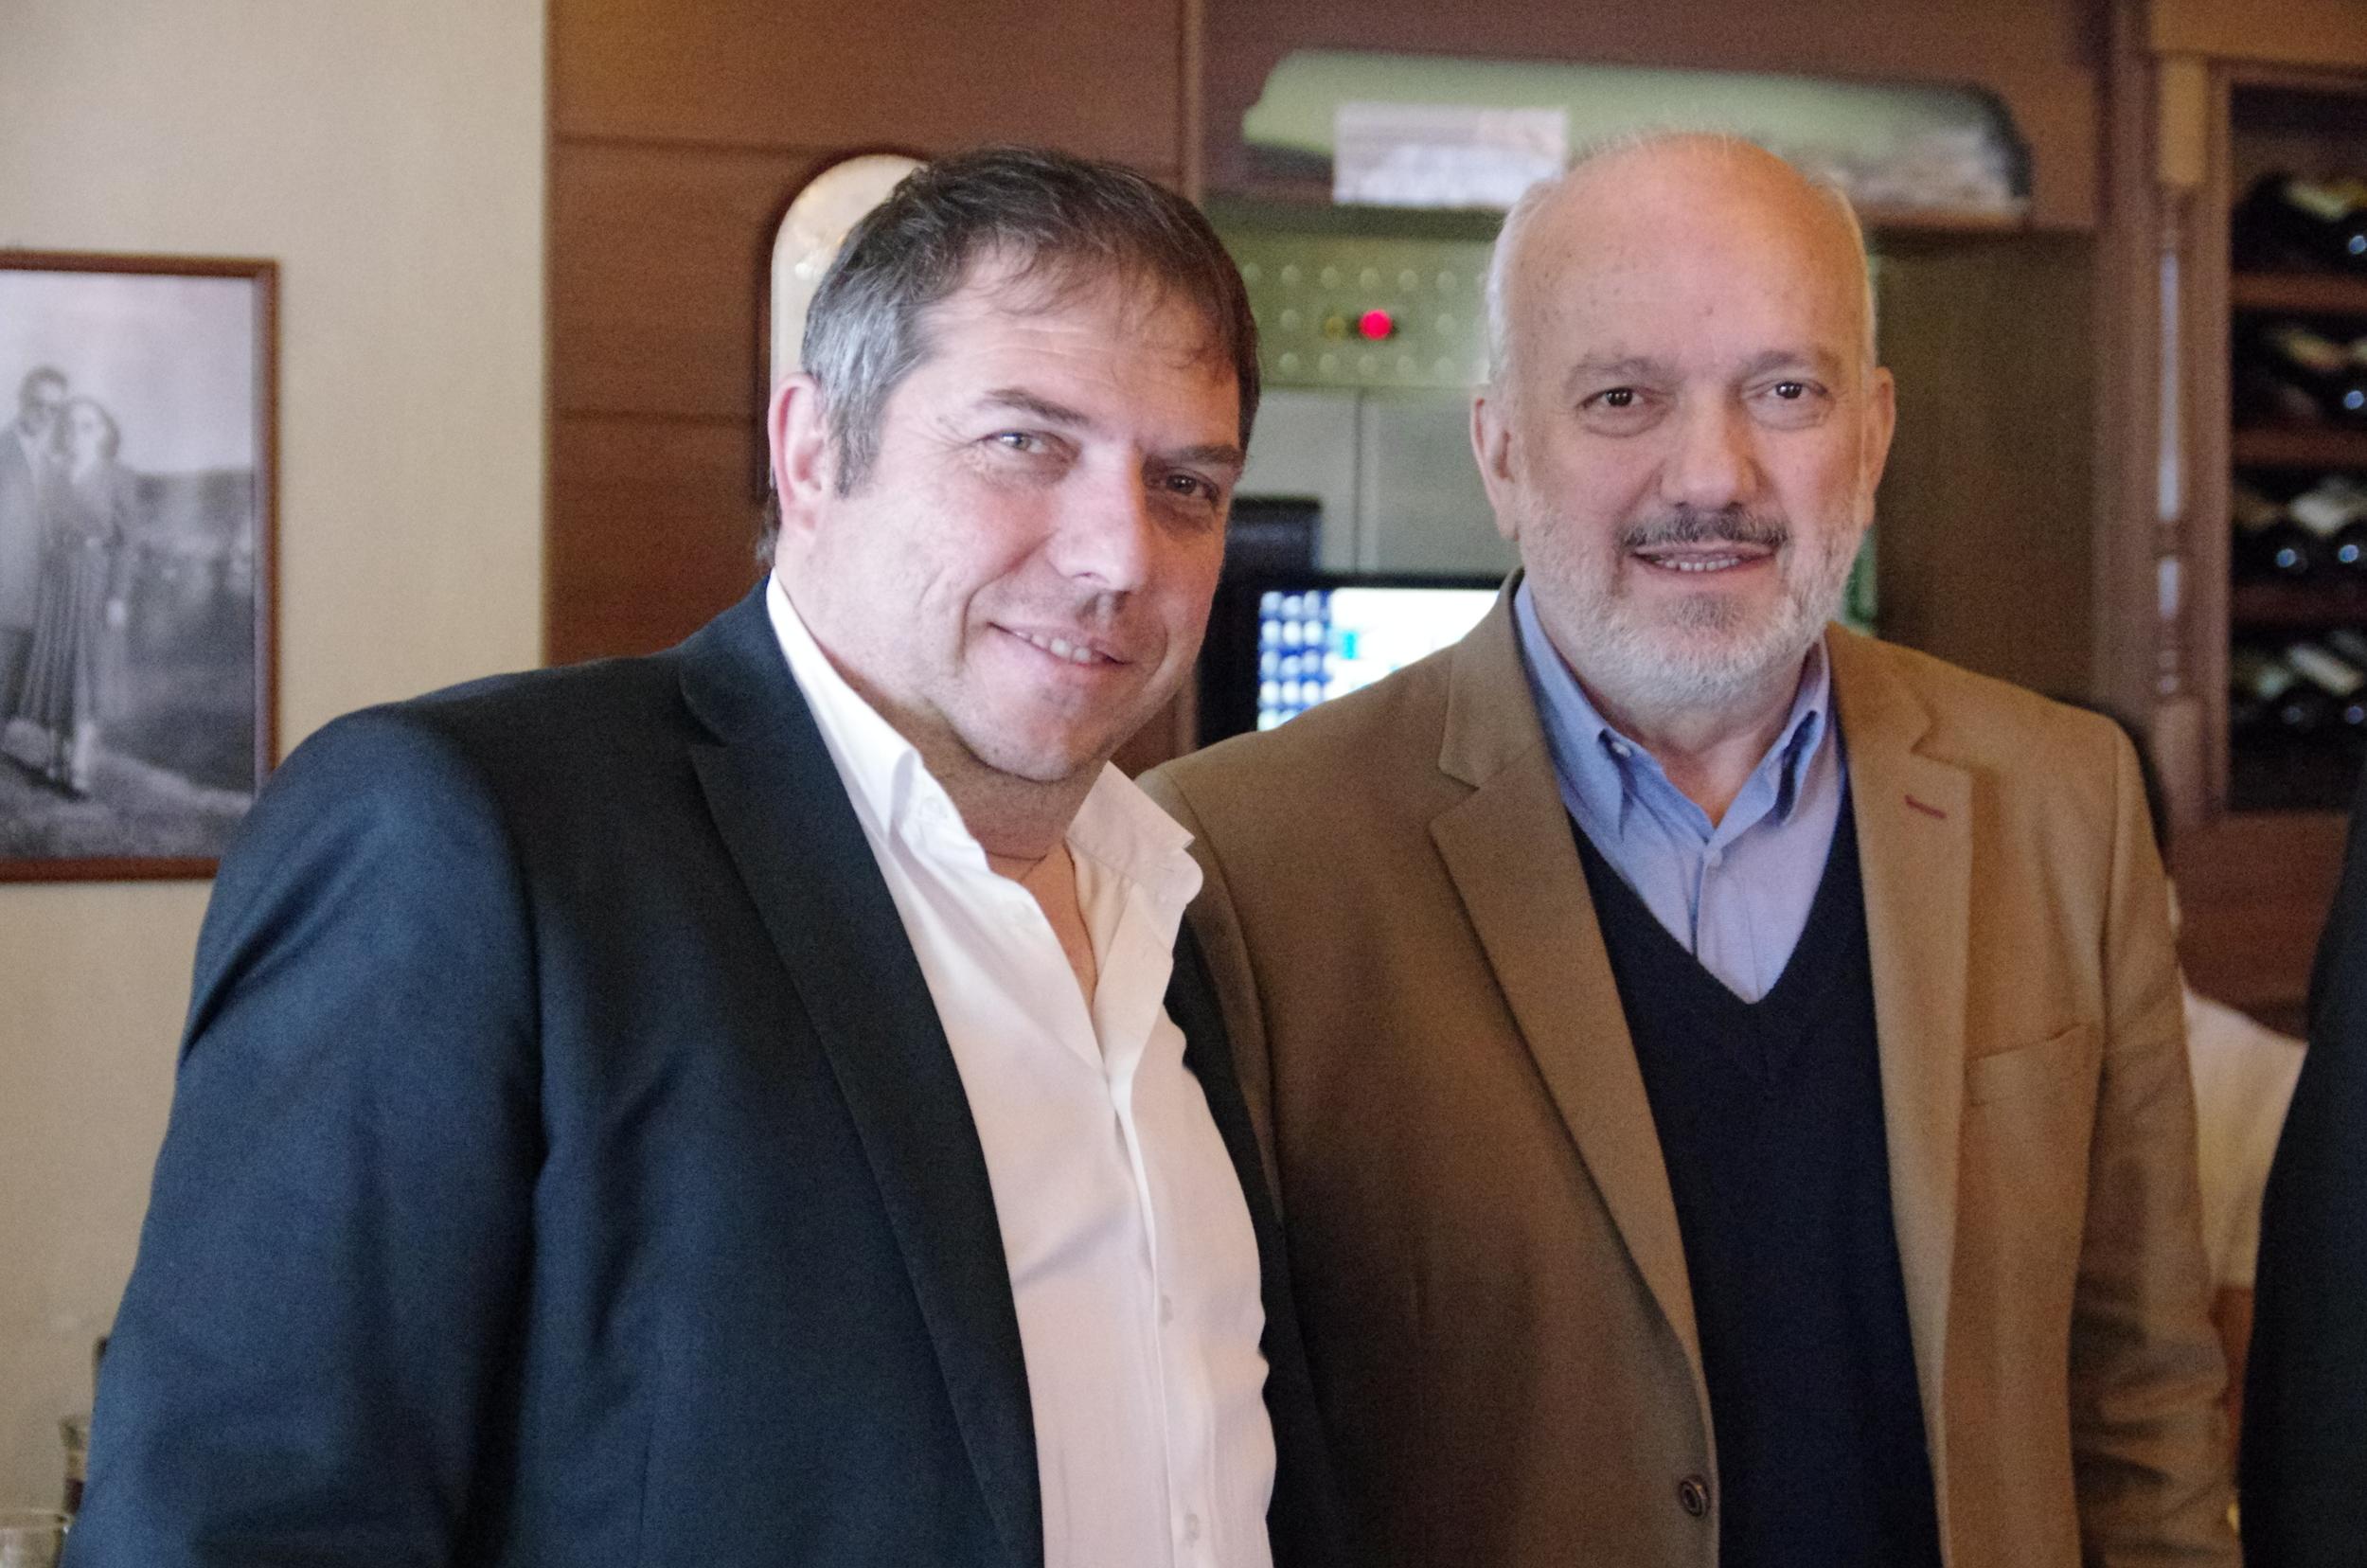 Ο Βαγγέλης Στεφανίδης με τον Δήμαρχο Αμυνταίου Κωνσταντίνο Θεοδωρίδη